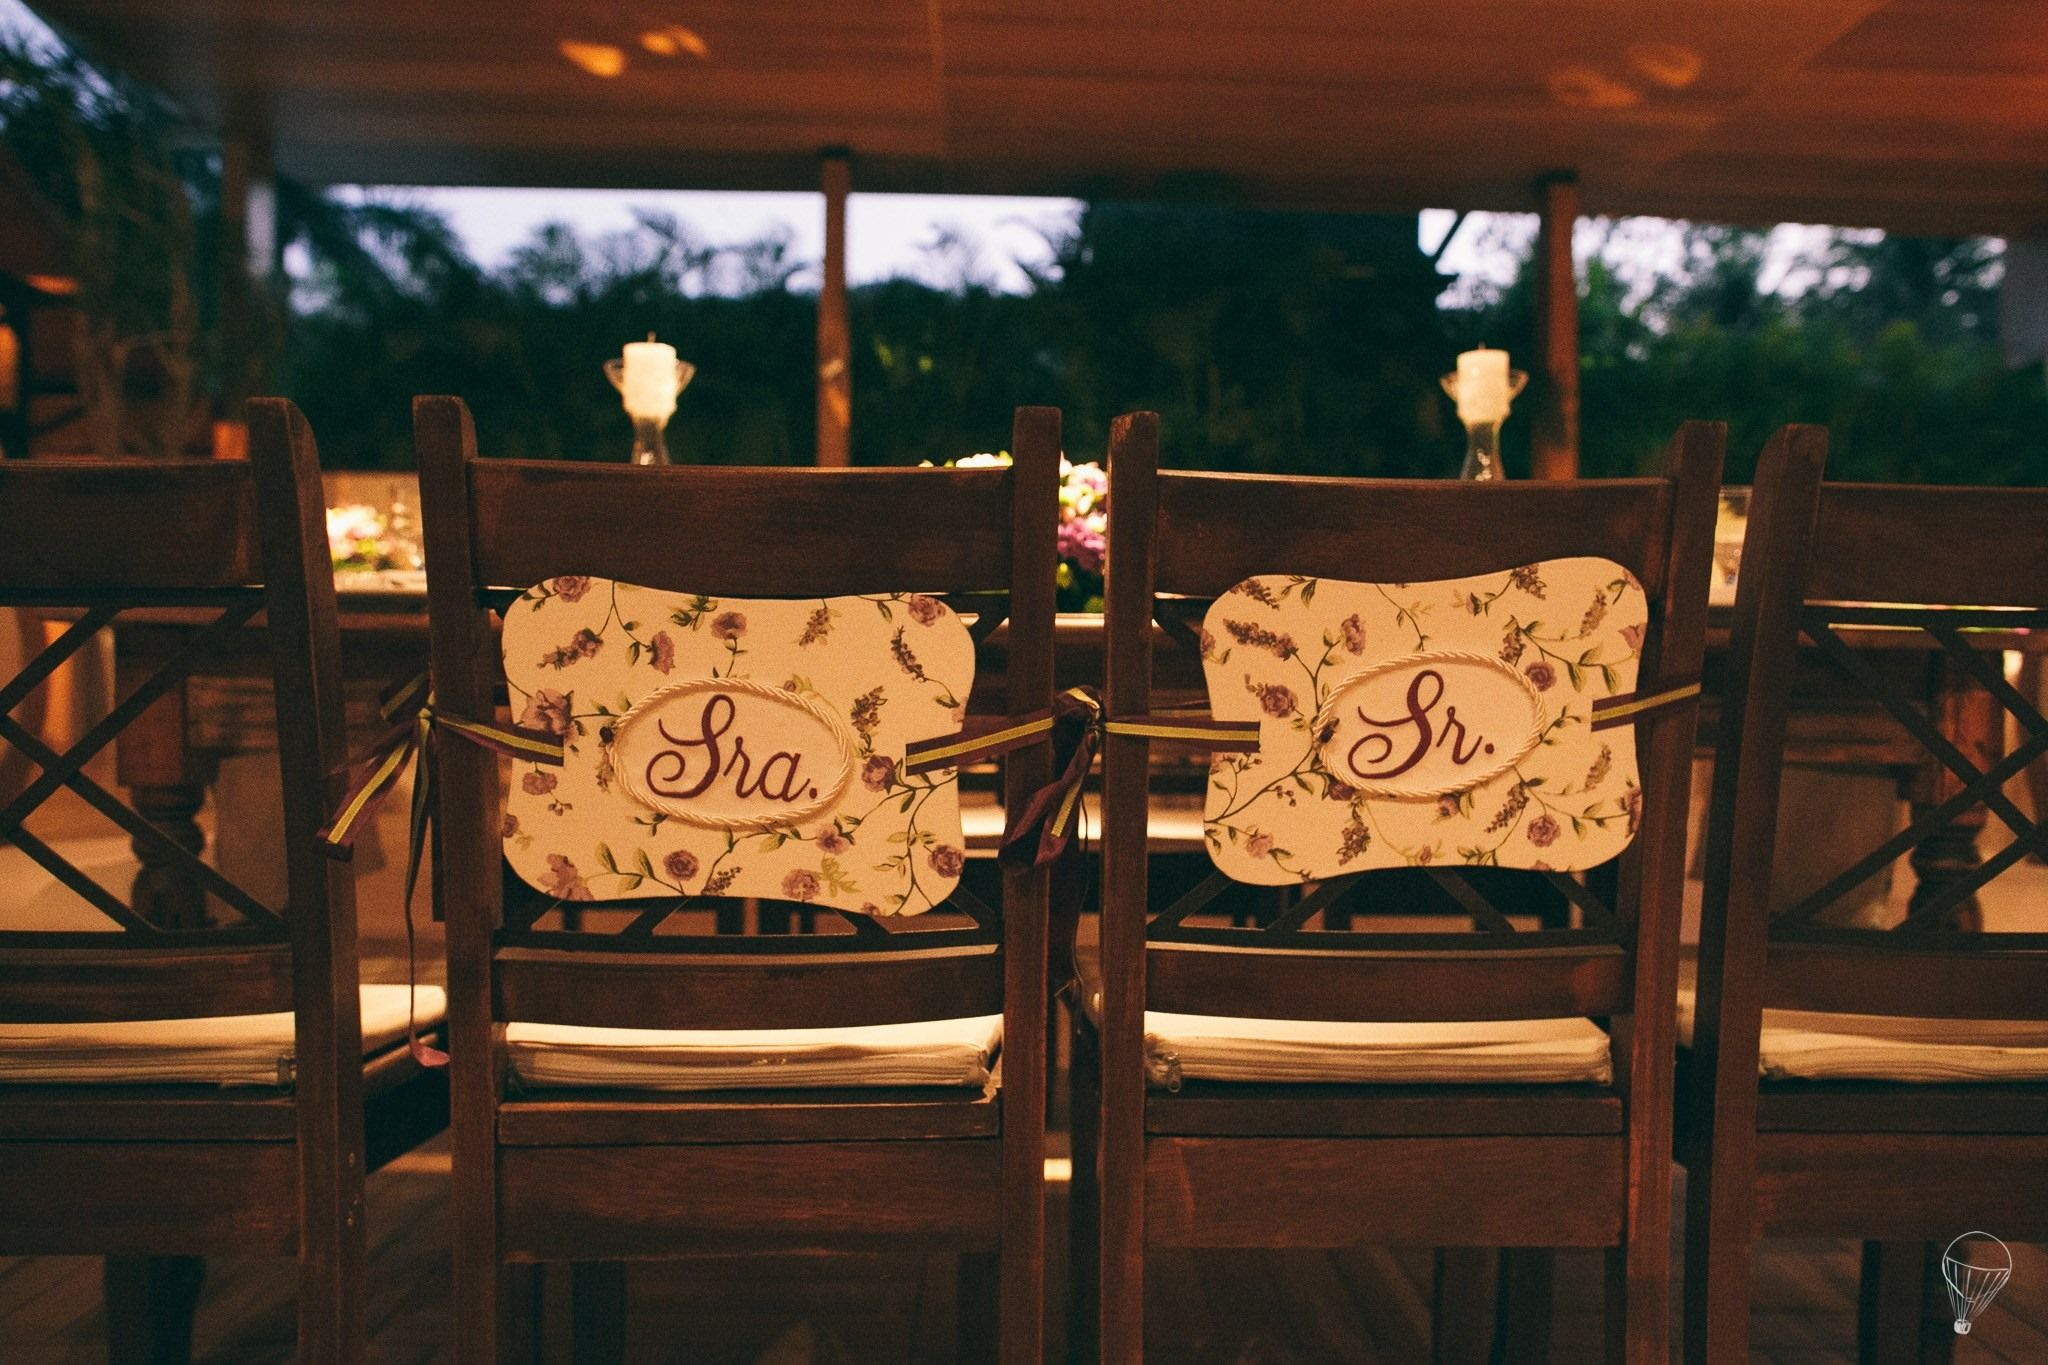 Placa Sr. e Sra. para pendurar nas cadeiras dos noivos.Toda forrada em tecido. Peça um orçamento: ateliesonhodecaixa@gmail.com